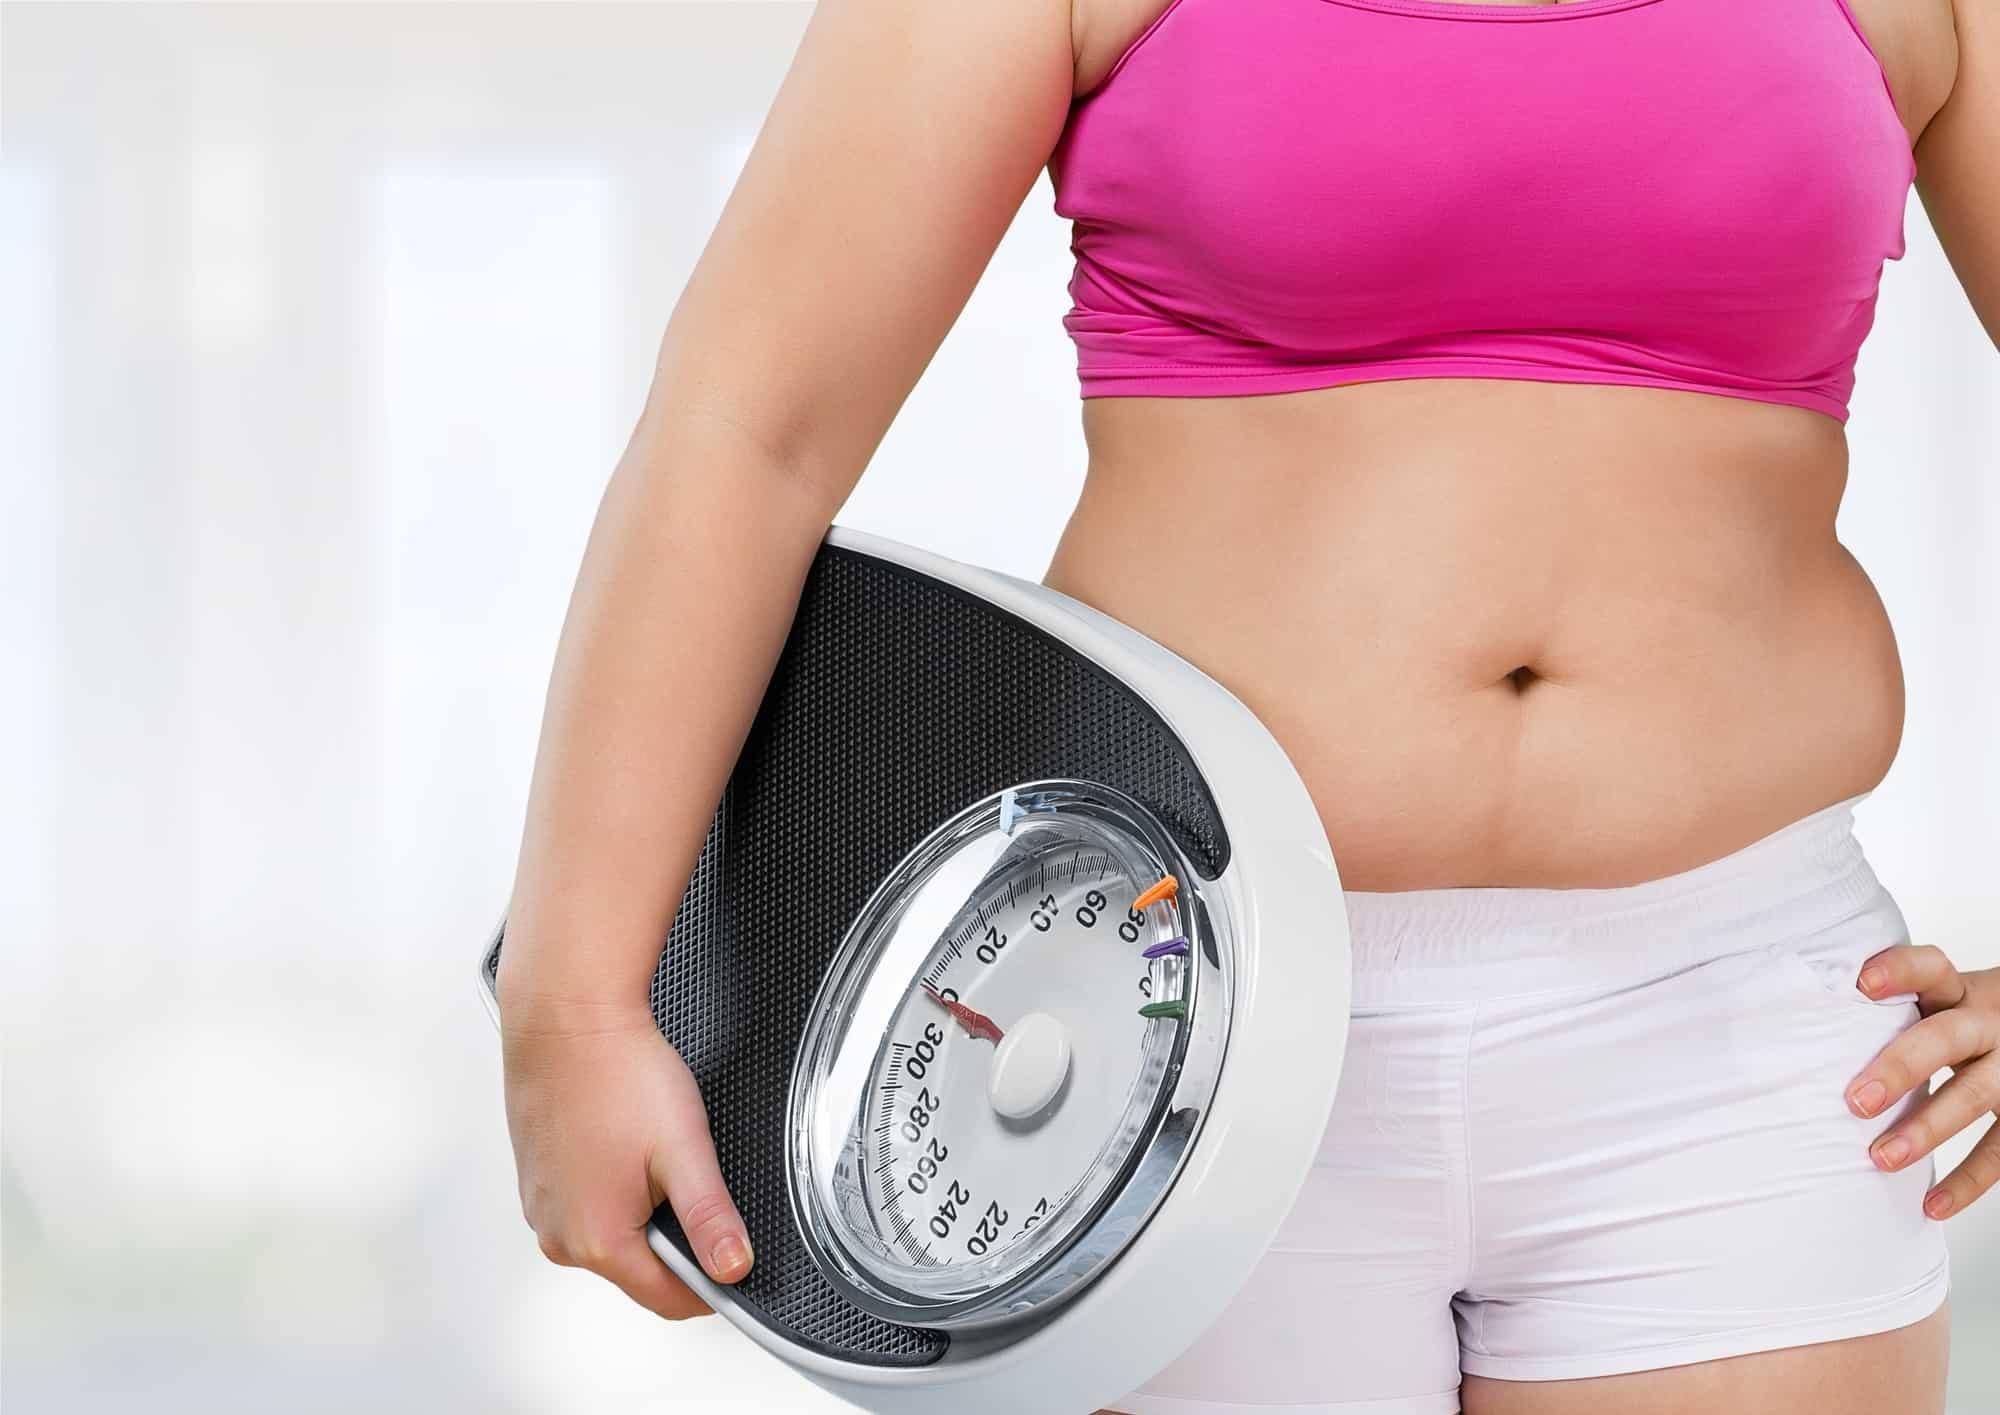 Похудение Эффективный Способ. Самые быстрые и эффективные способы похудения